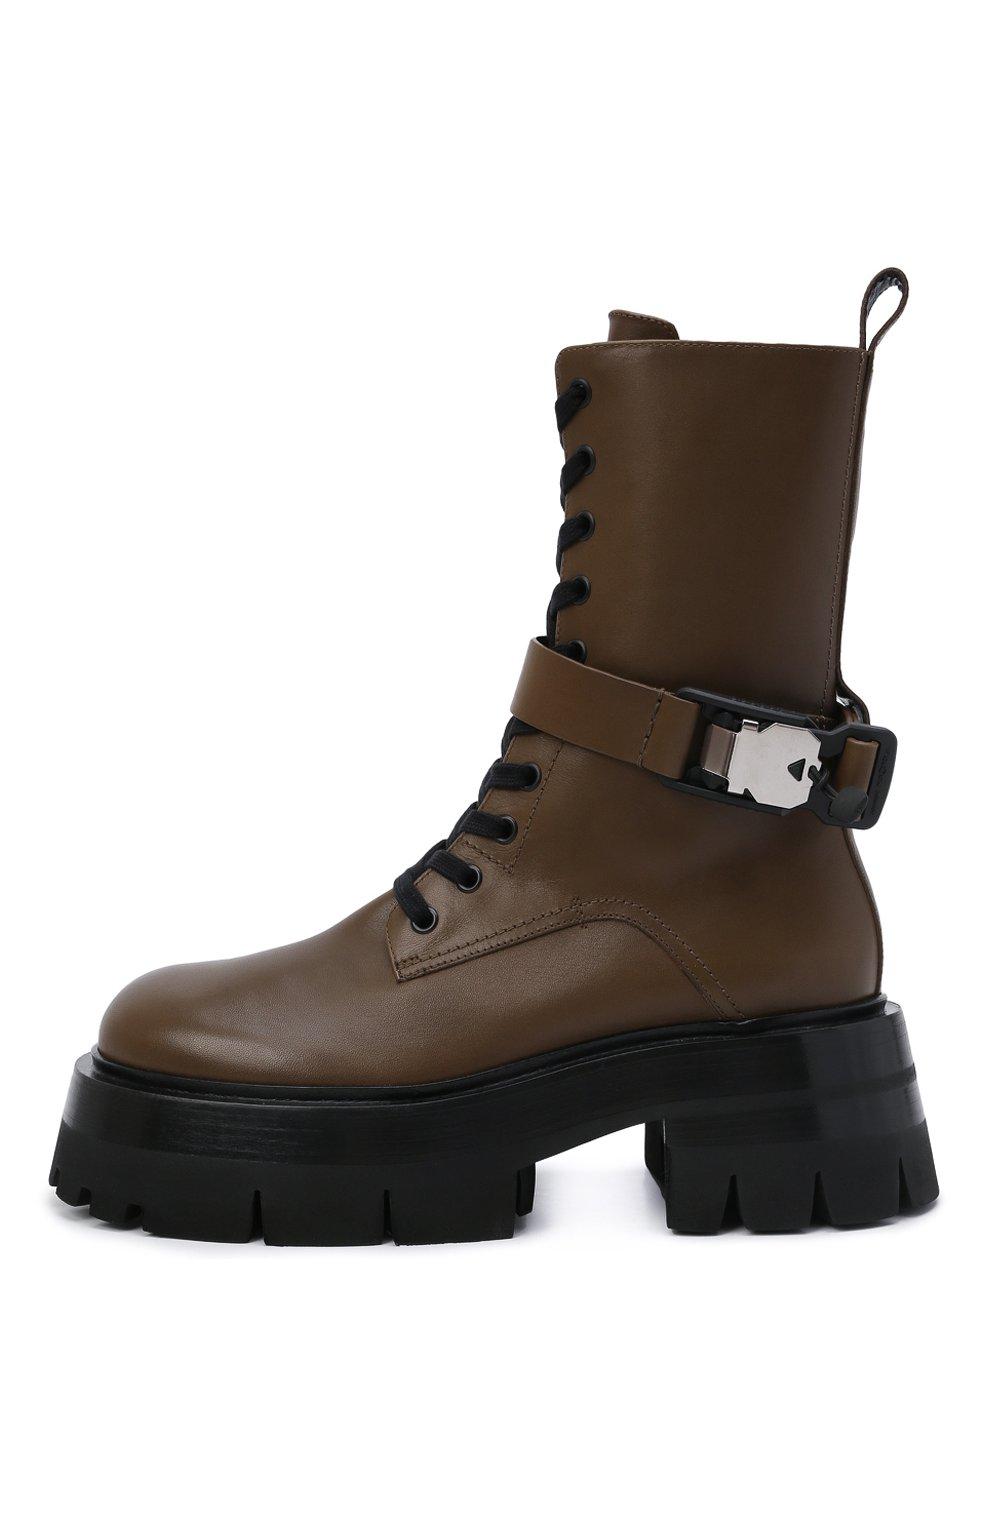 Женские кожаные ботинки VERSACE хаки цвета, арт. 1000822/1A00633 | Фото 3 (Подошва: Платформа; Материал внутренний: Натуральная кожа; Каблук высота: Средний; Женское Кросс-КТ: Байкеры-ботинки)